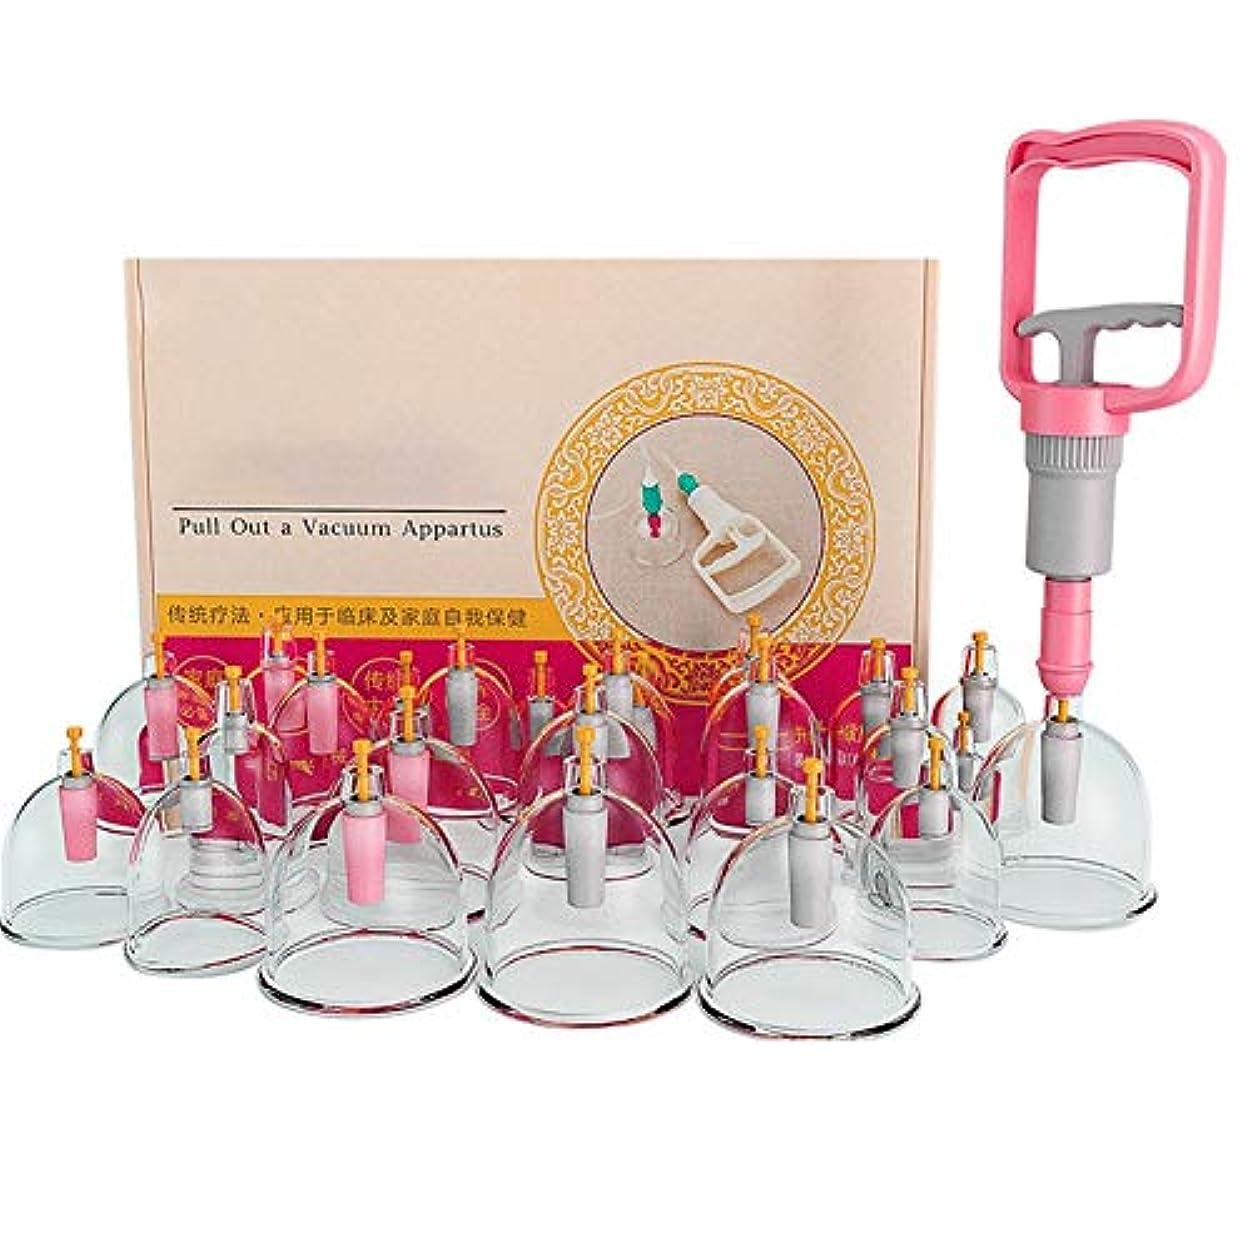 笑いリスクお金24カップカッピング療法セット、真空吸引生体磁気磁気ポンプ、在宅医療、真空磁気ポンプ付き、ボディマッサージの痛みを緩和する理学療法